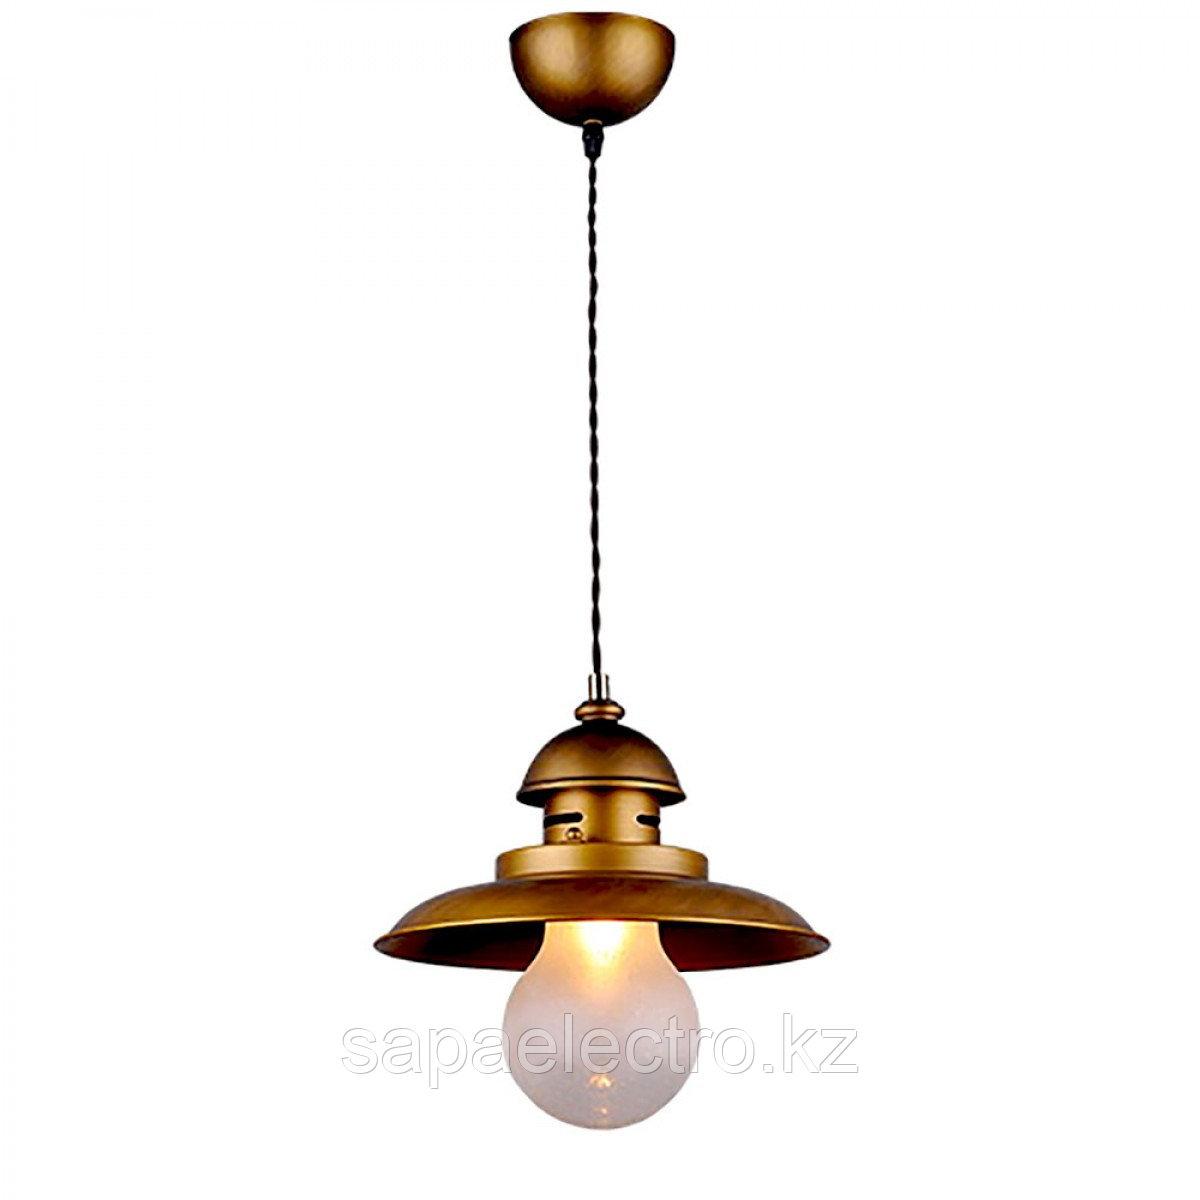 Свет-к H8854-1B E14 40W GOLD потол. ASYA-AV (1шт)